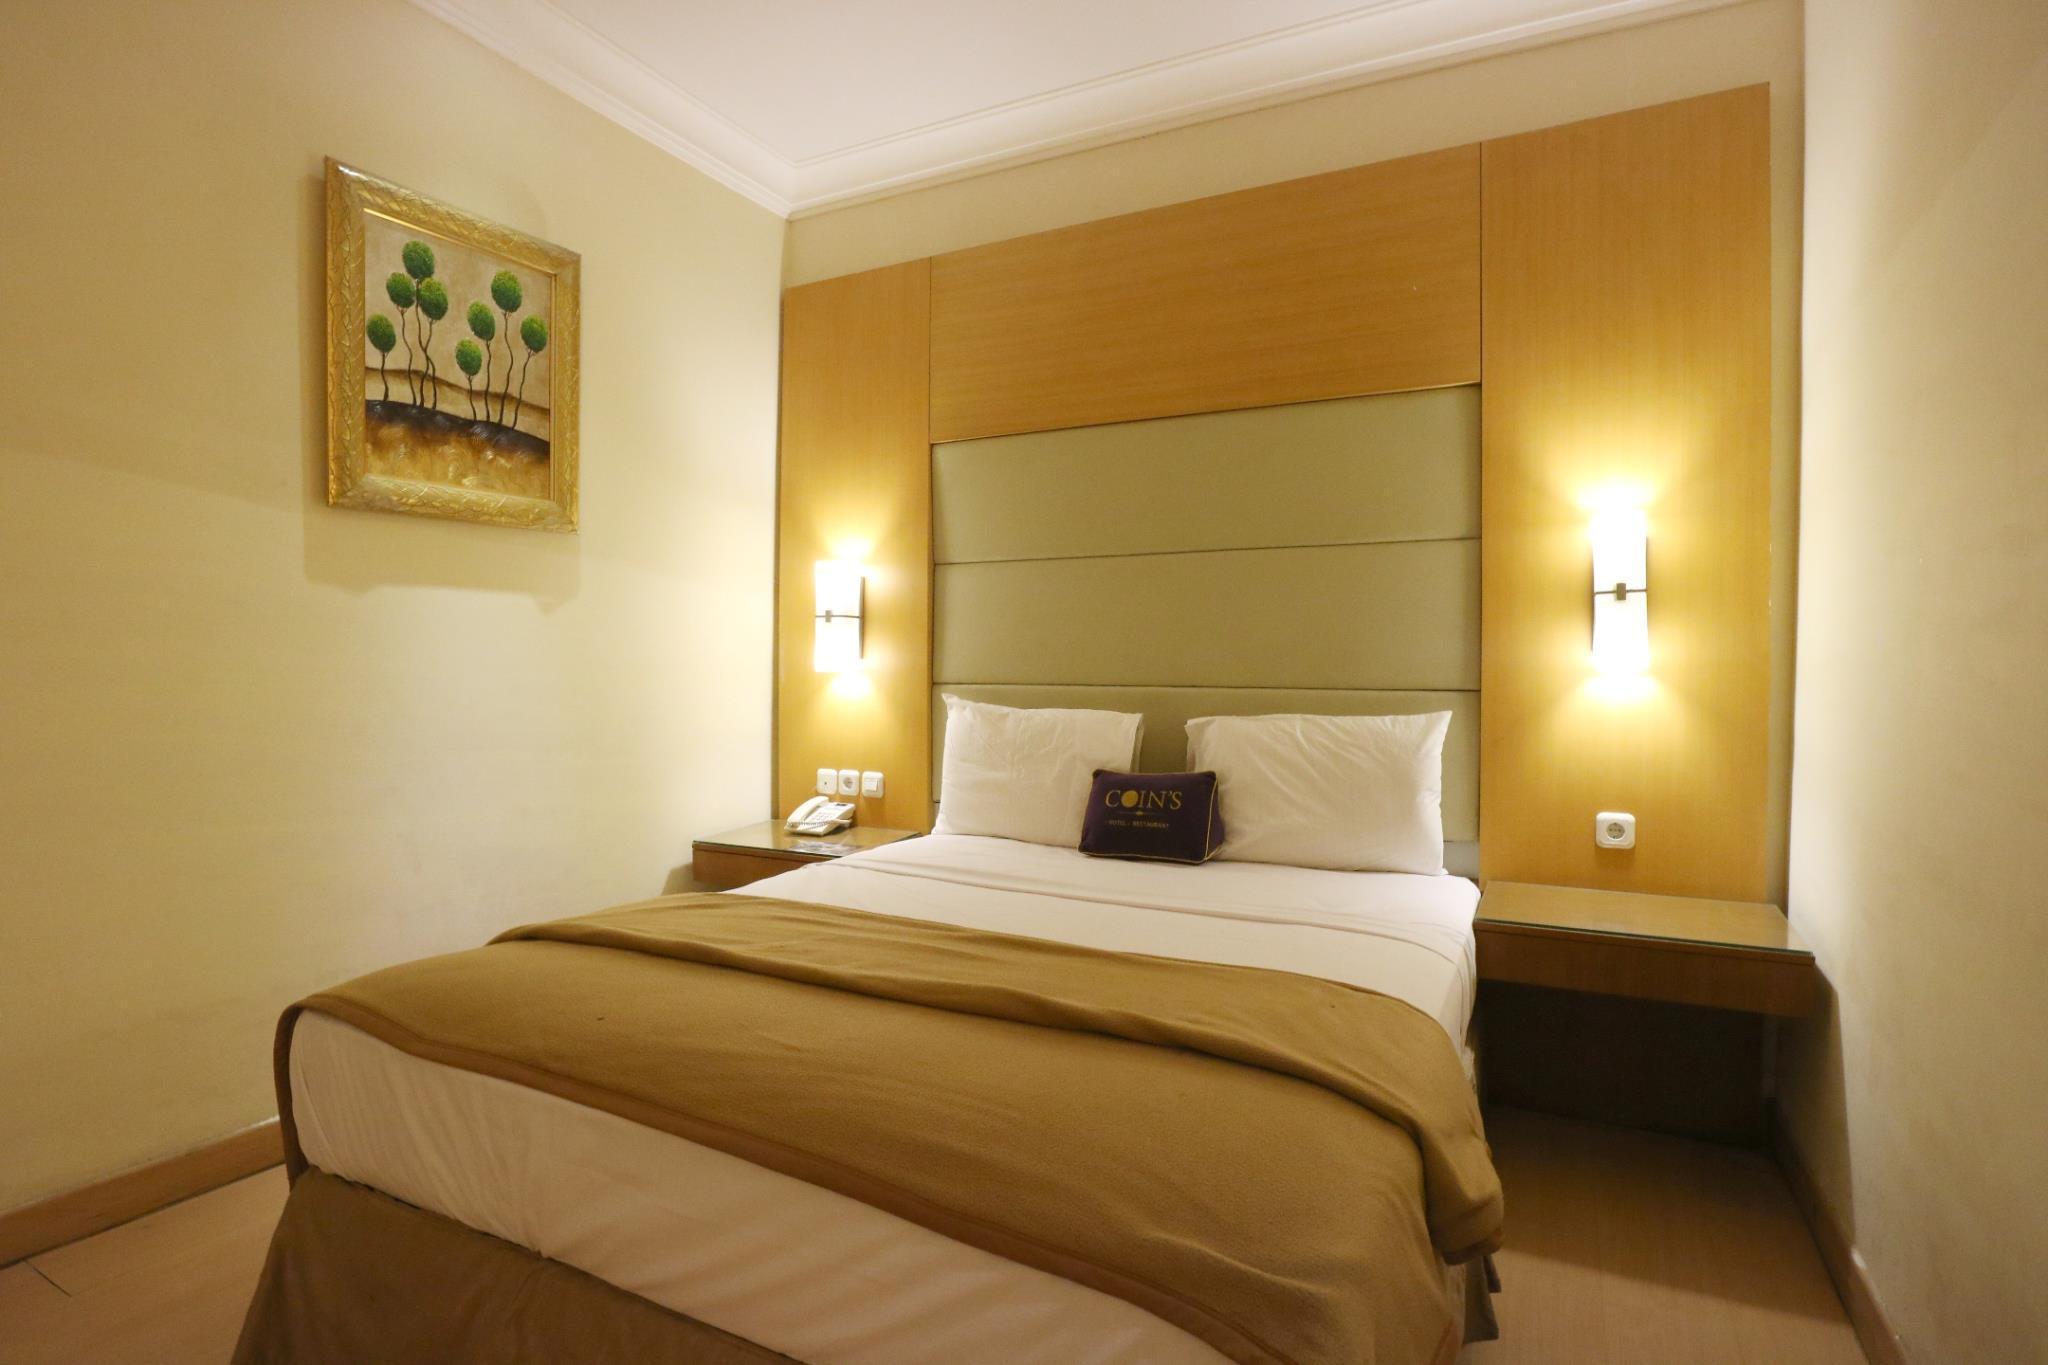 Hotel Coin, Jakarta Utara